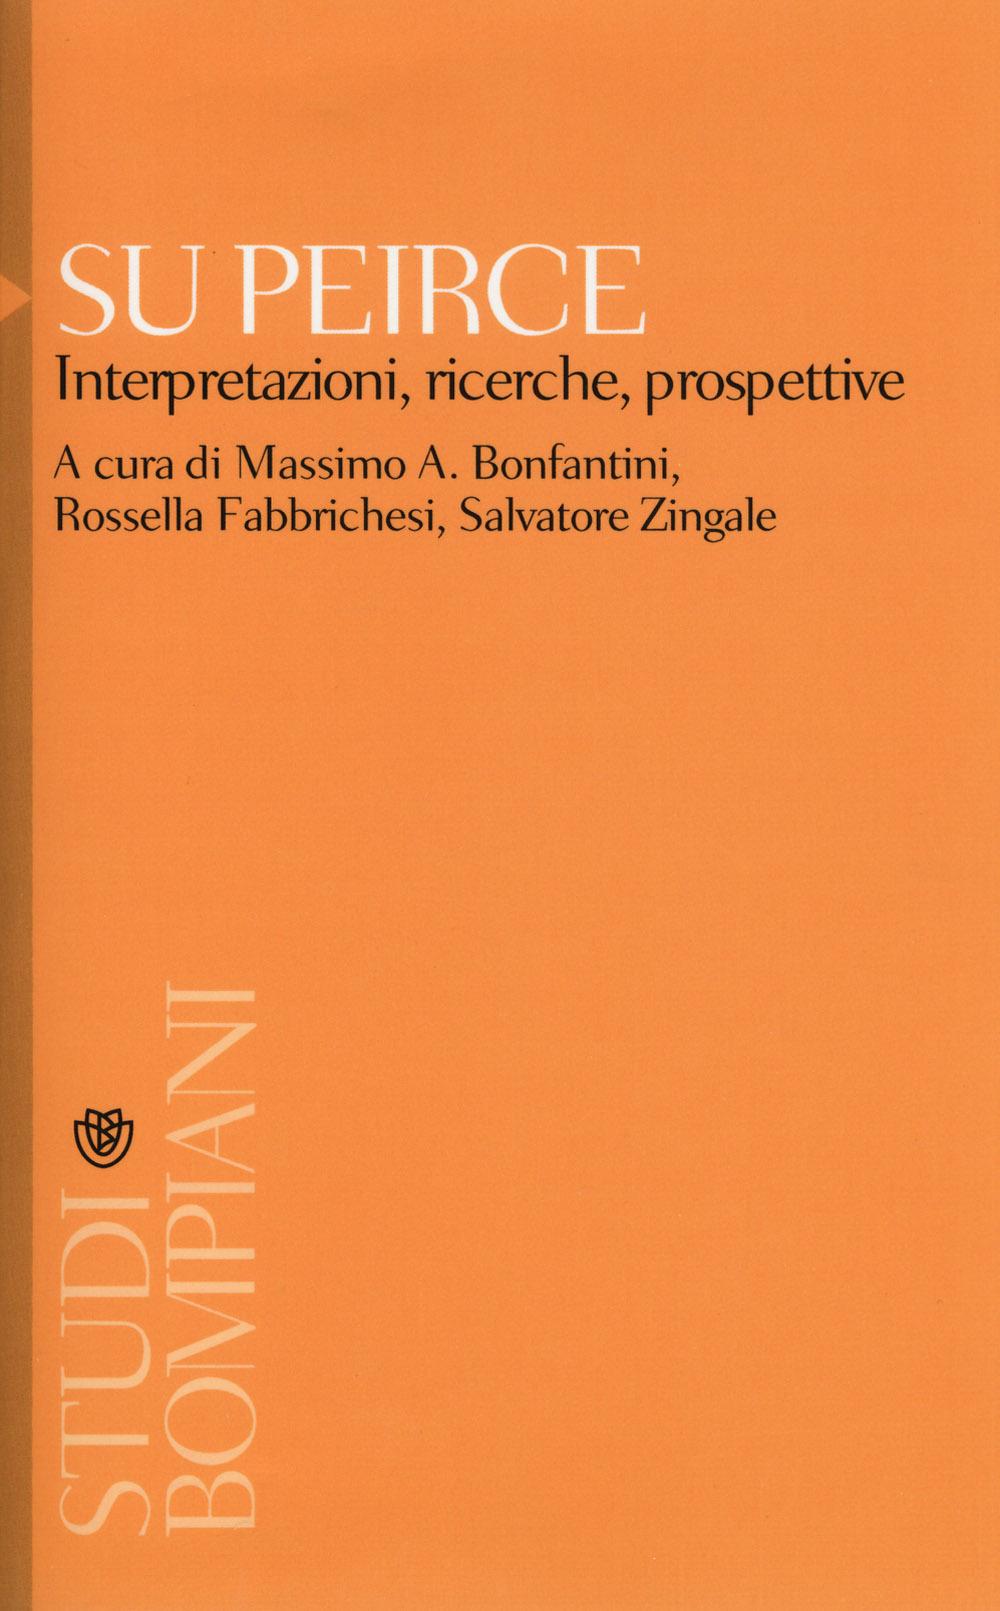 Su Peirce. Interpretazioni, ricerche, prospettive